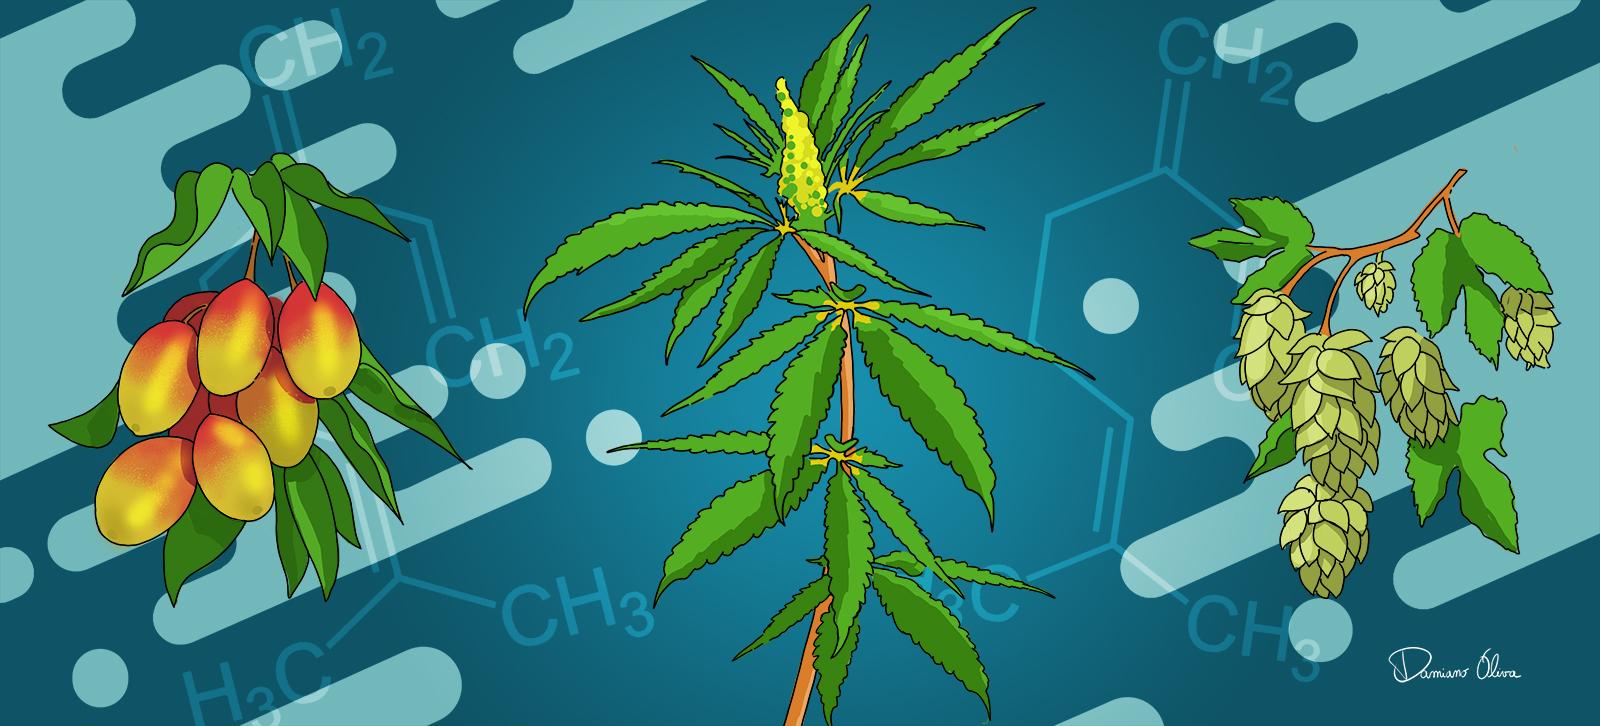 β-mircene alla scoperta delle proprietà anti-infiammatorie e analgesiche - Cannabiscienza